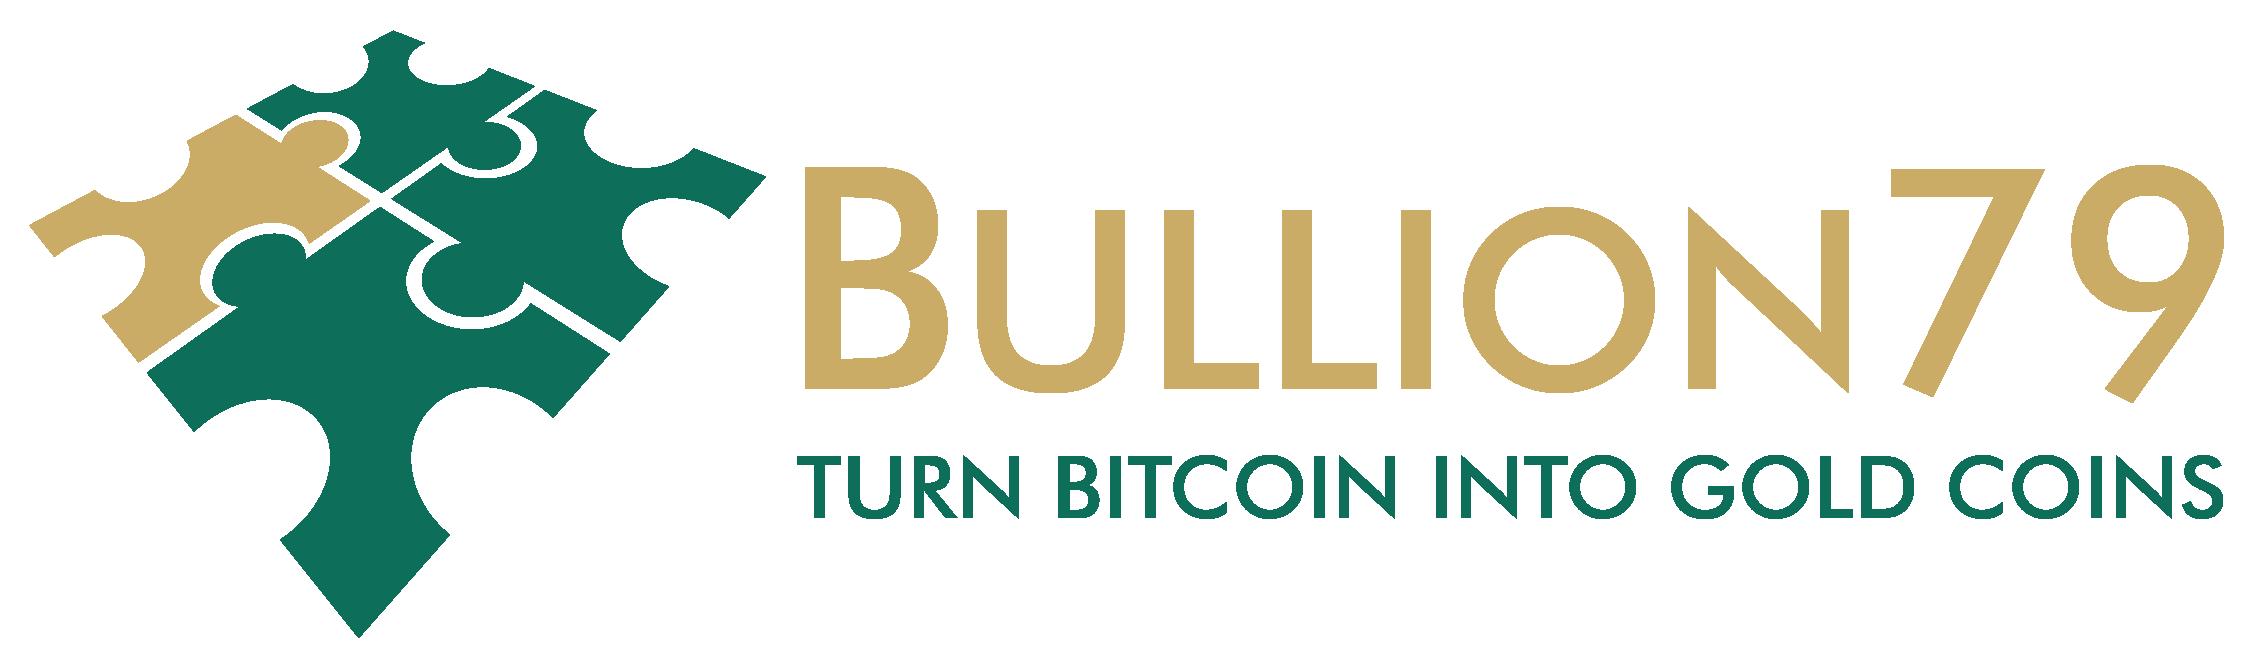 Bullion79